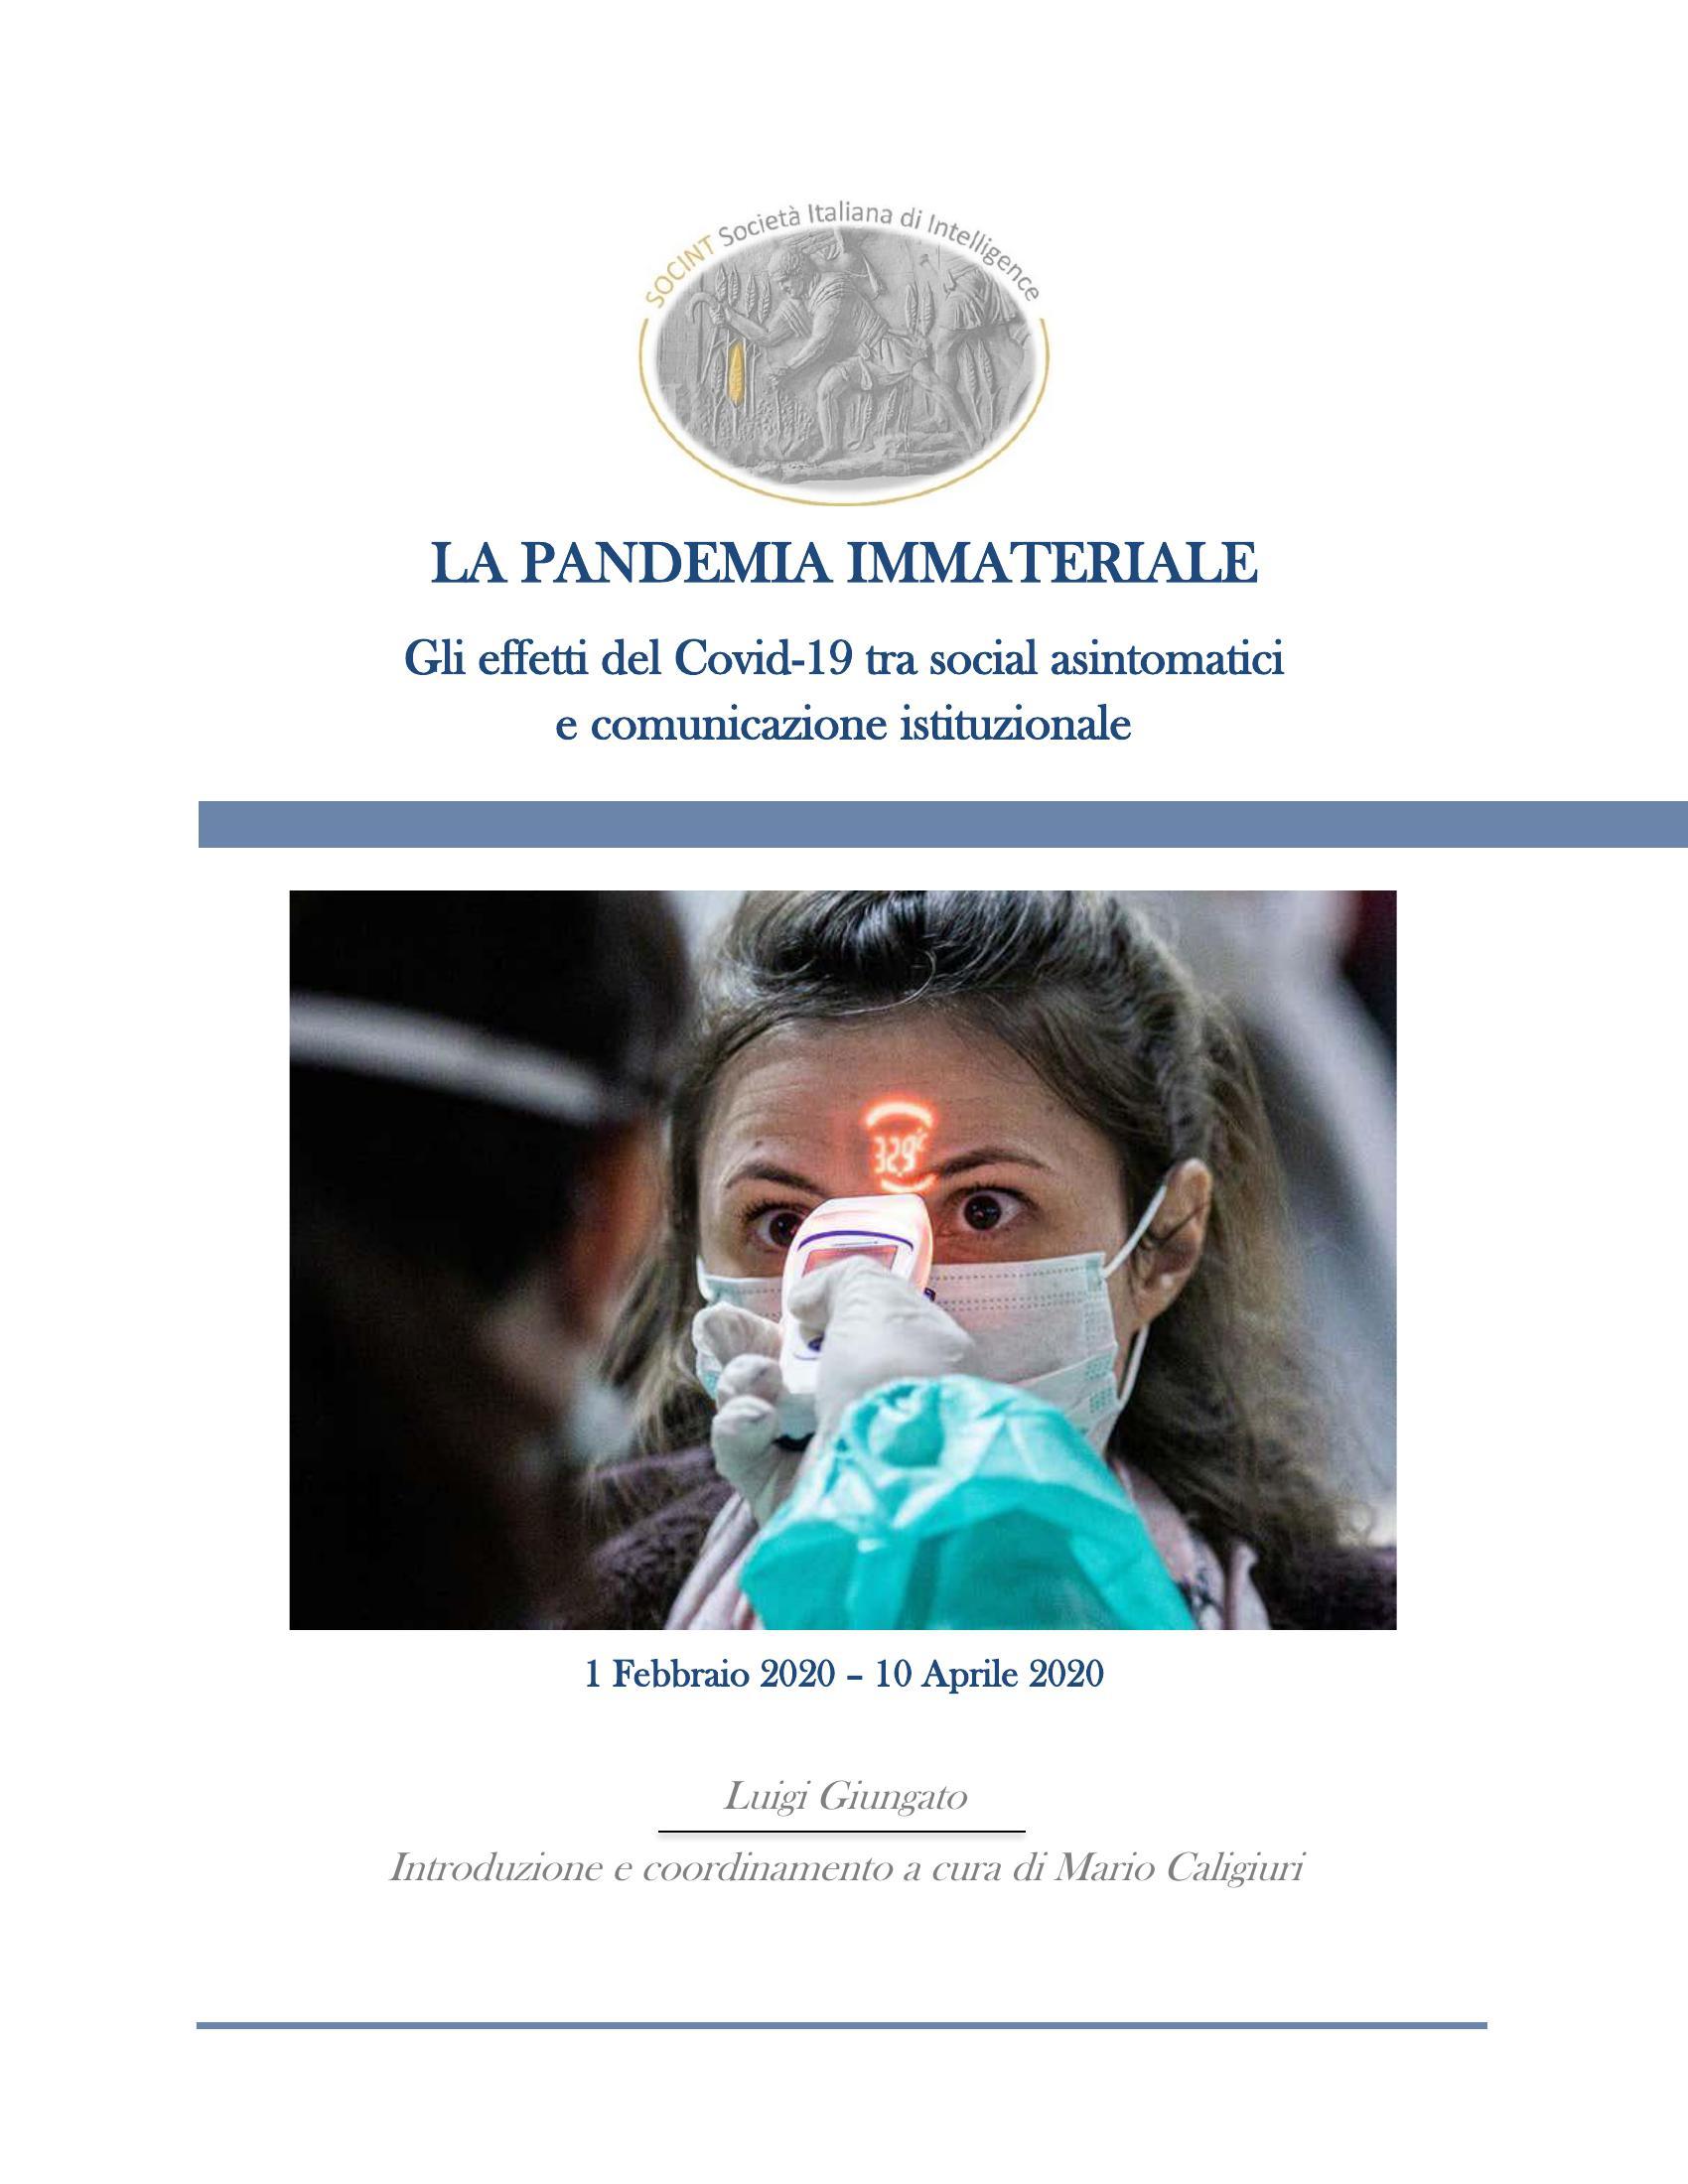 La Pandemia Immateriale. Gli effetti del Covid-19 tra social asintomatici e comunicazione istituzionale